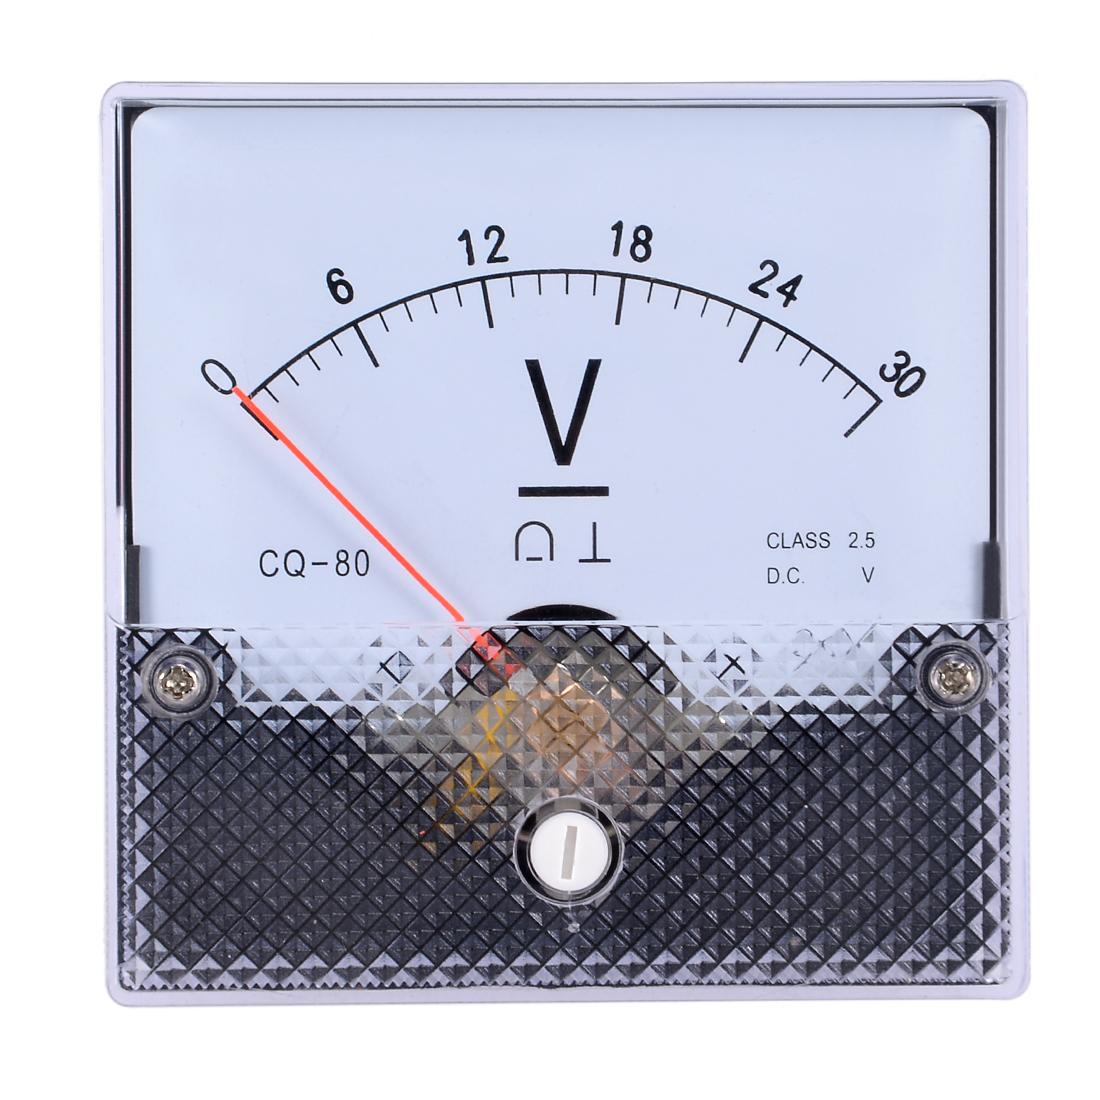 AC 0-30V Analog Panel Voltage Gauge Volt Meter CQ-80 2.5% Error Margin